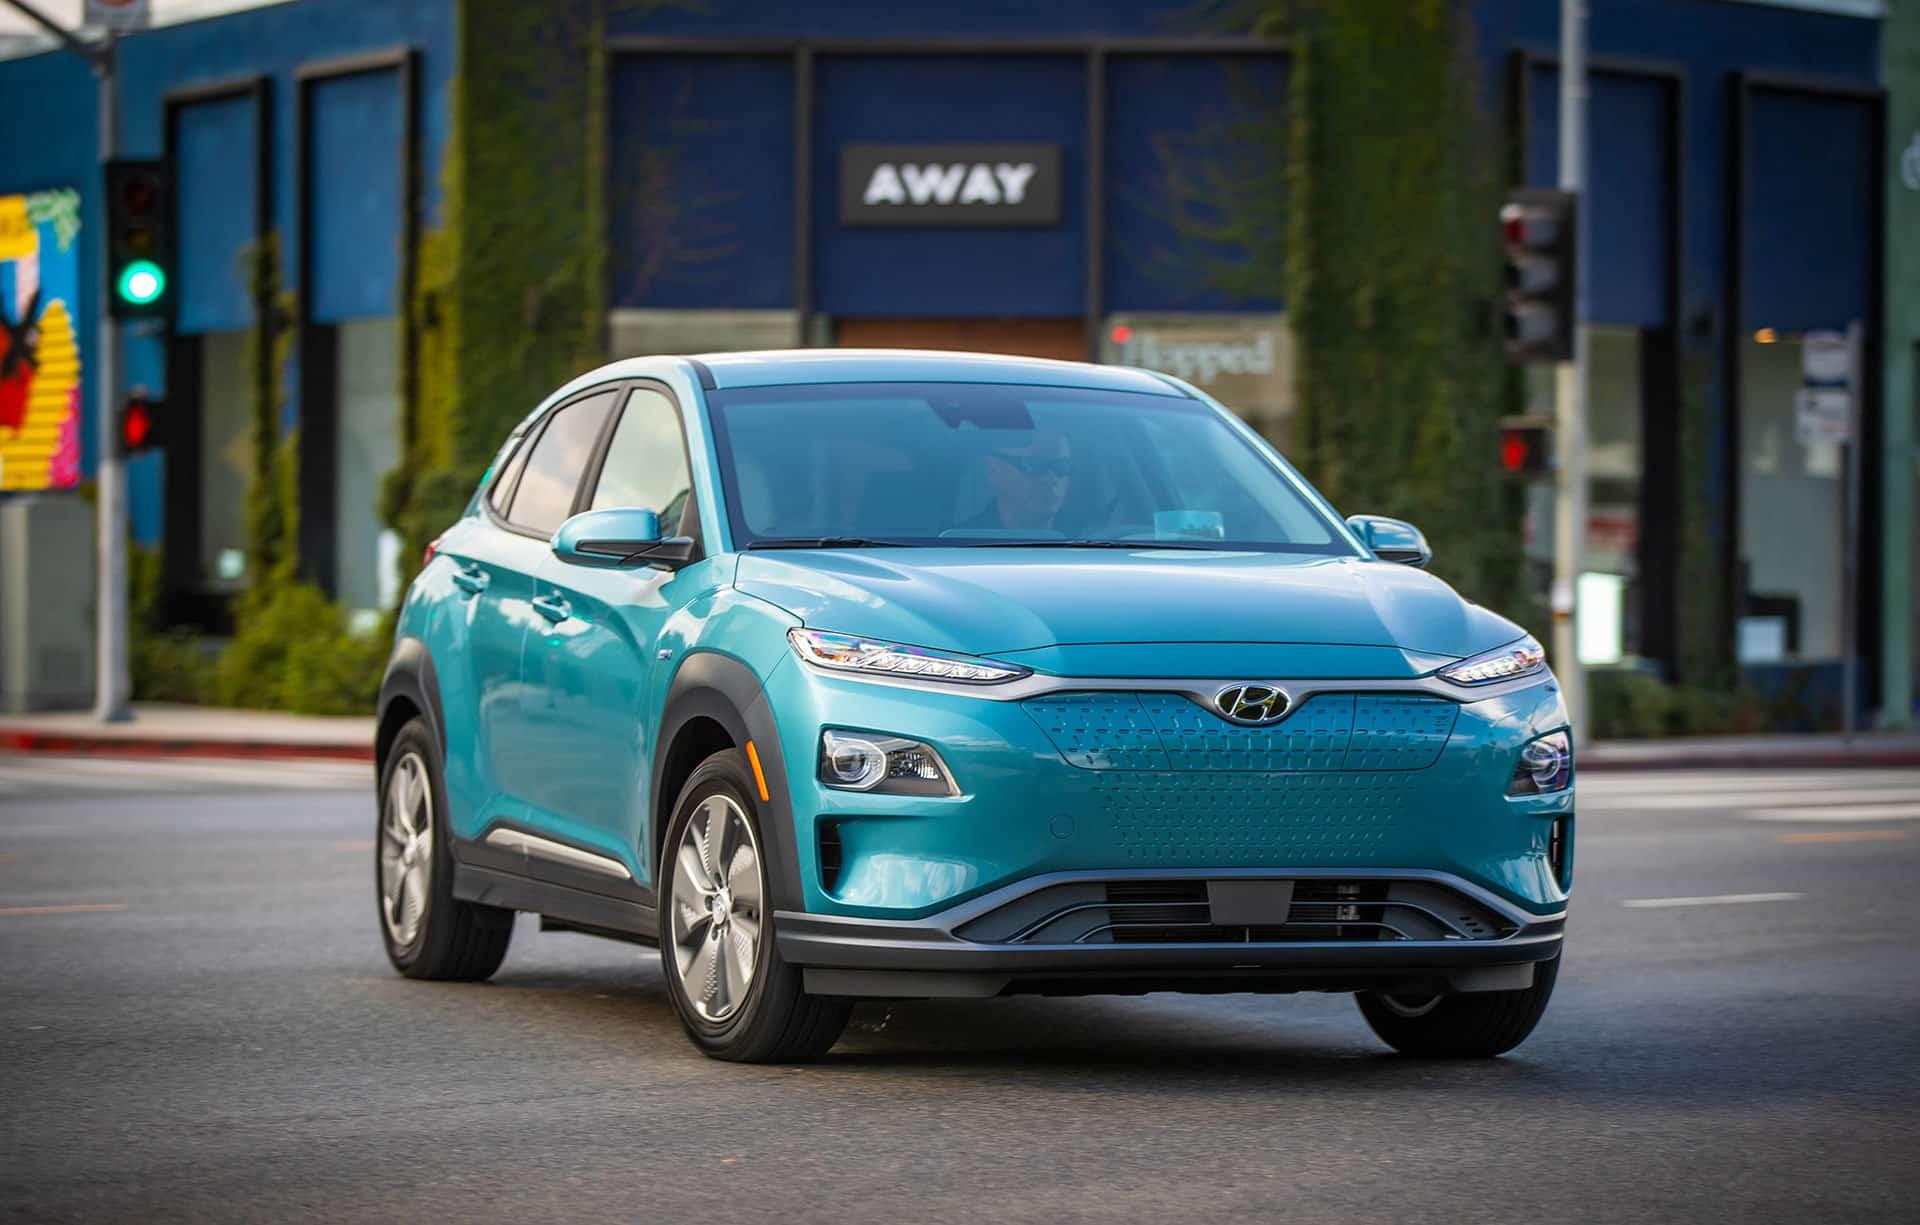 Fuel Efficient Hyundai Kona EV for the city!